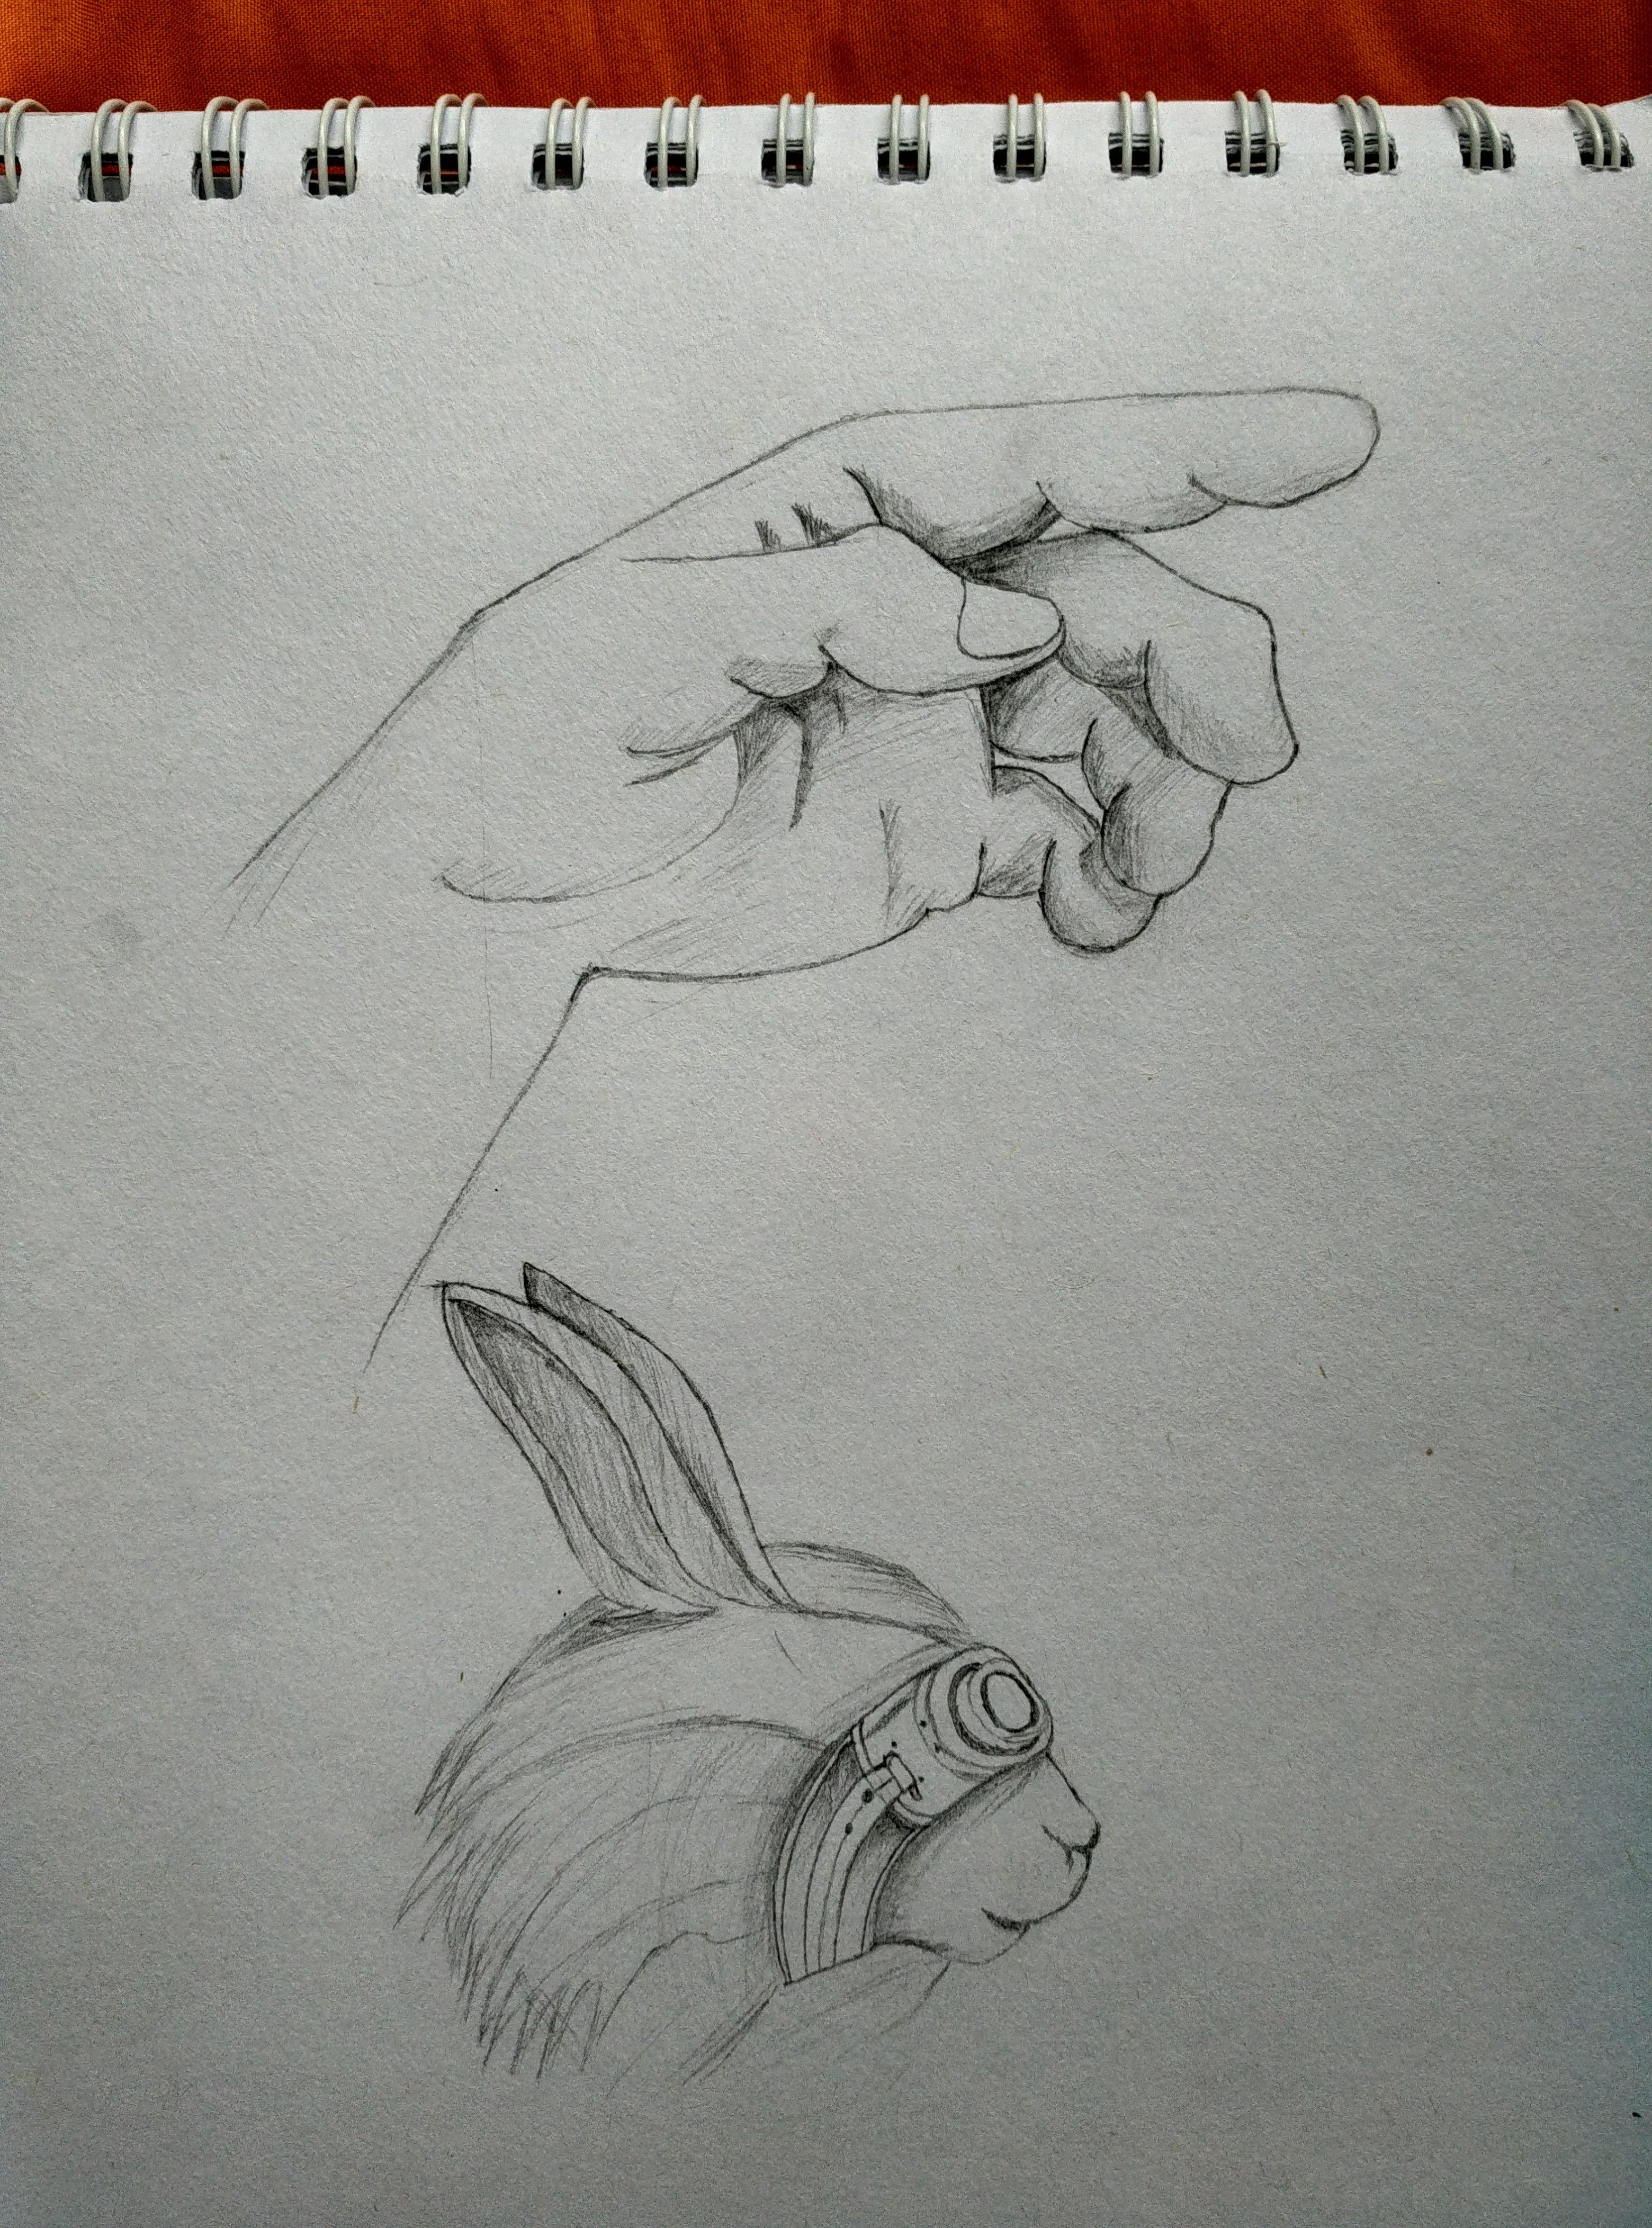 基础手绘|插画|插画习作|捕鱼de小伙伴 - 原创作品图片